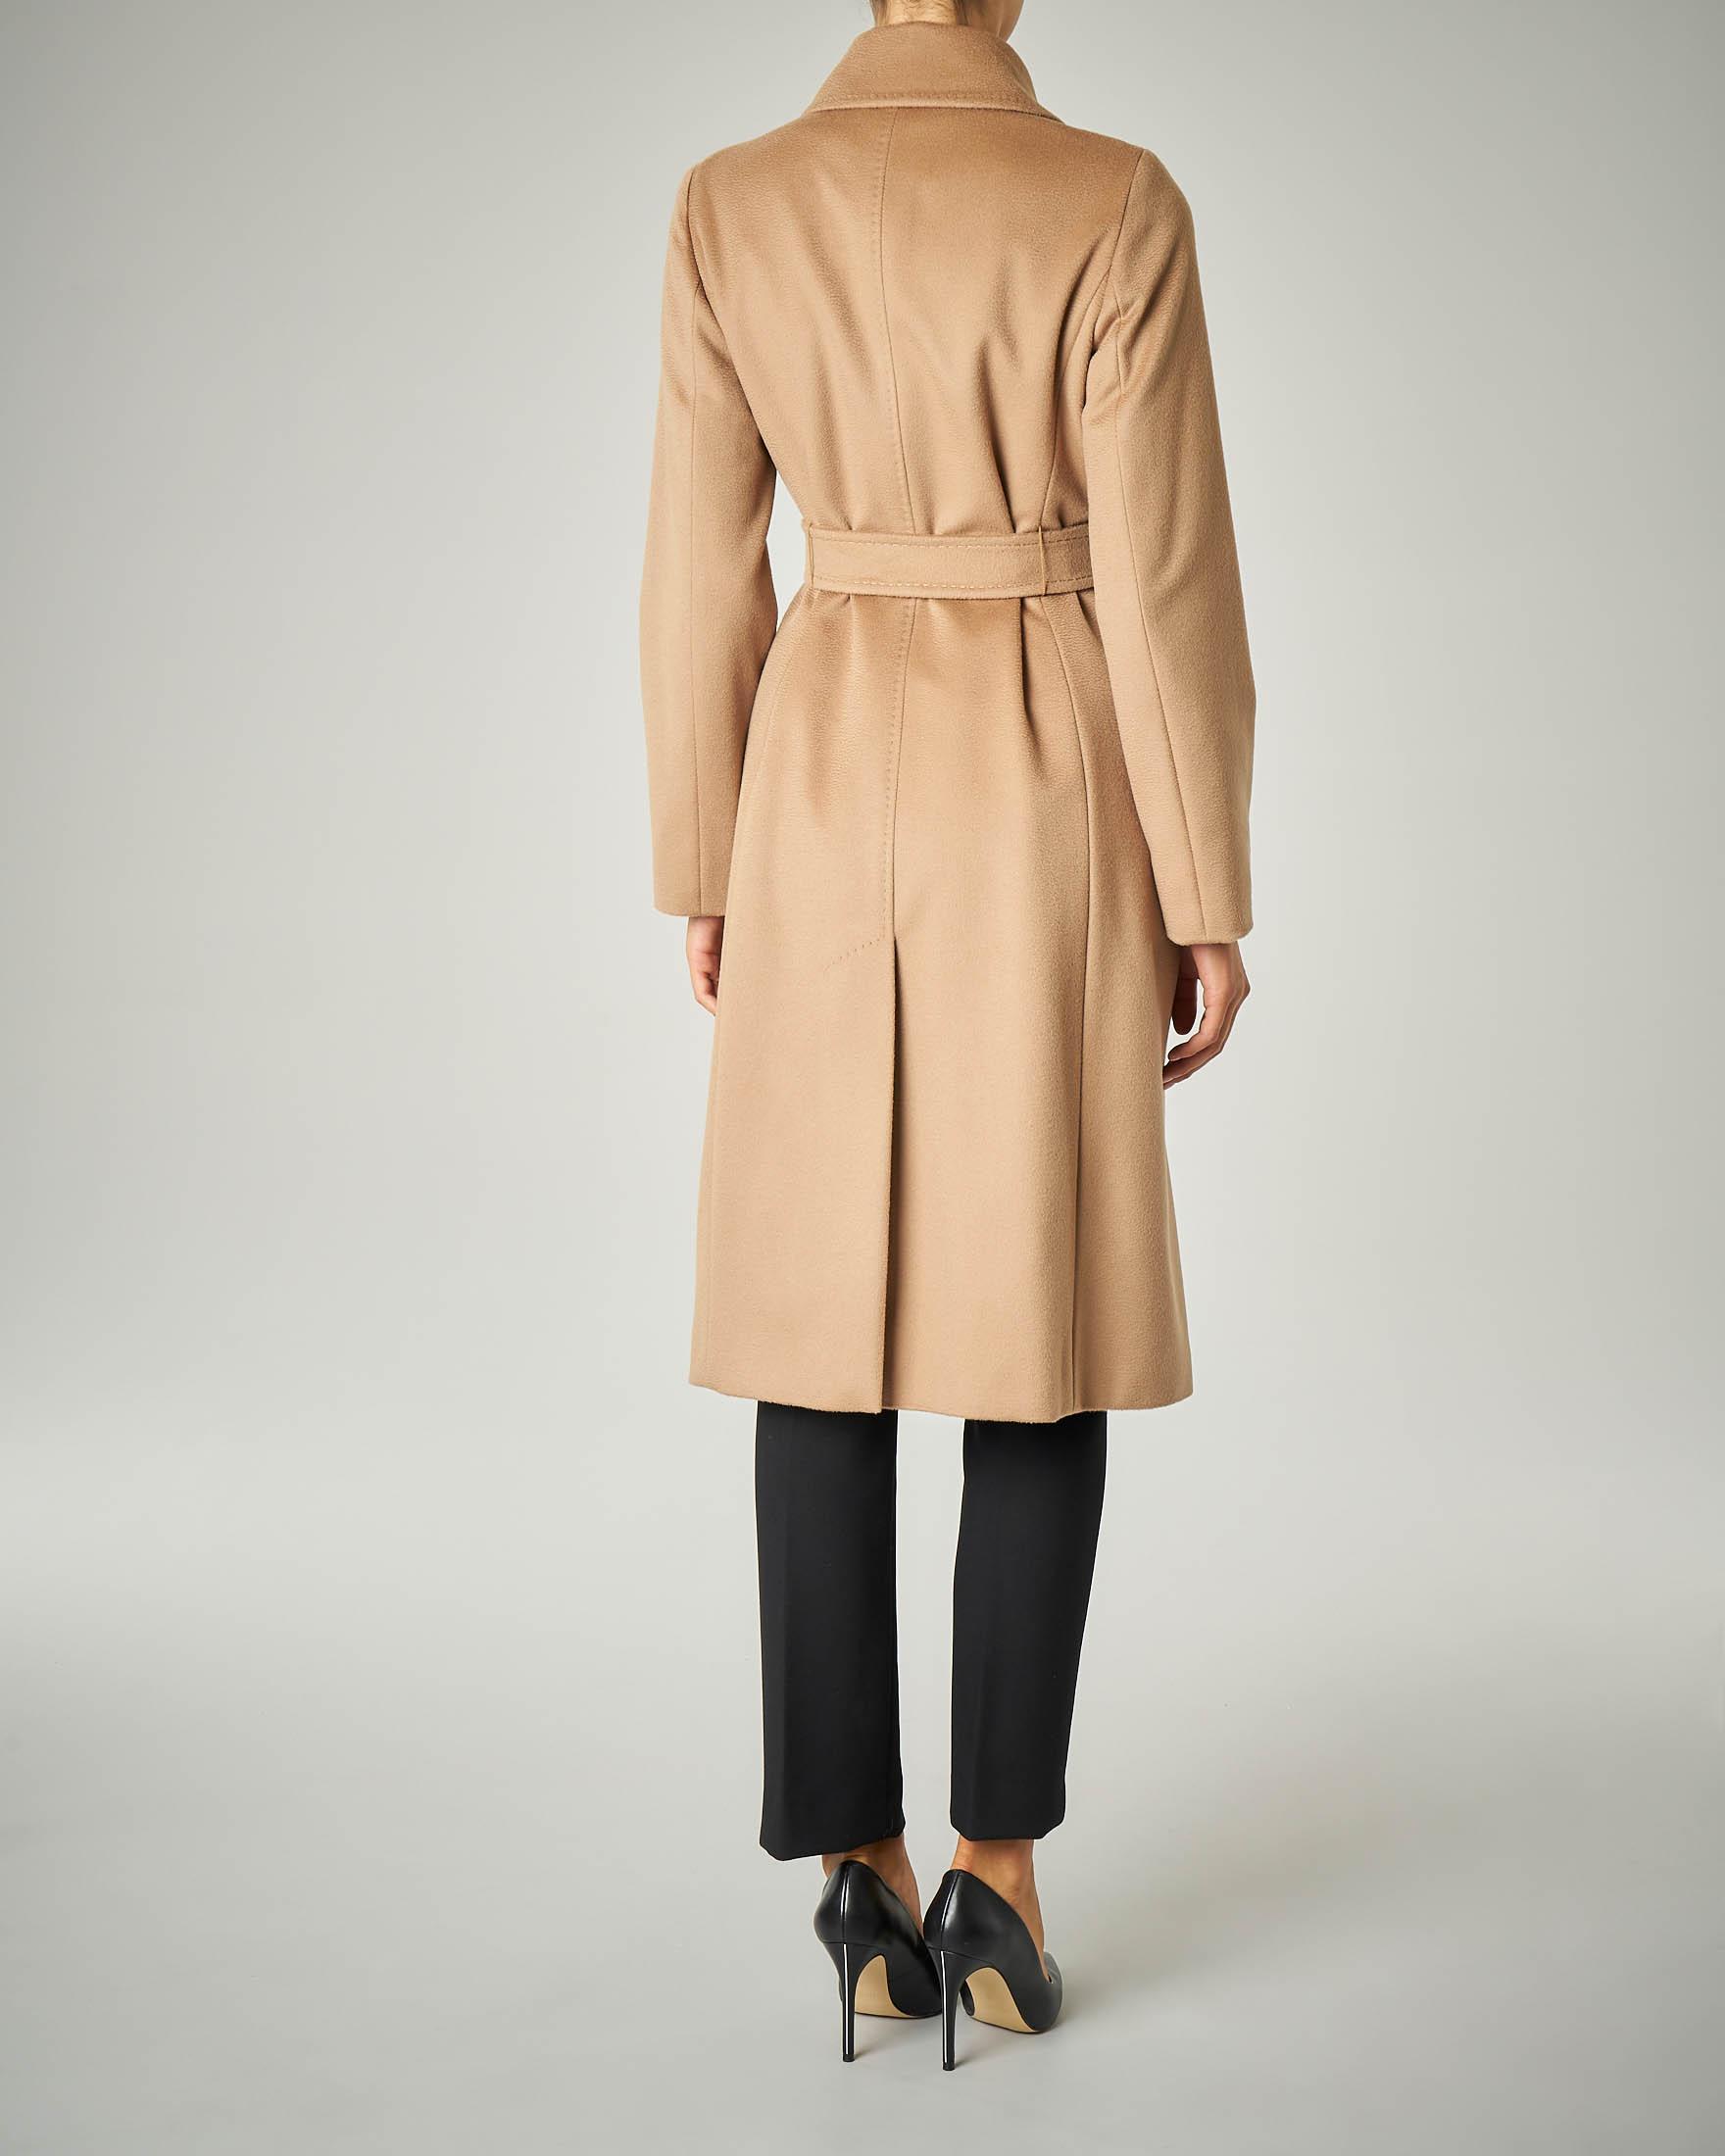 Cappotto con cintura Cammello | Benetton